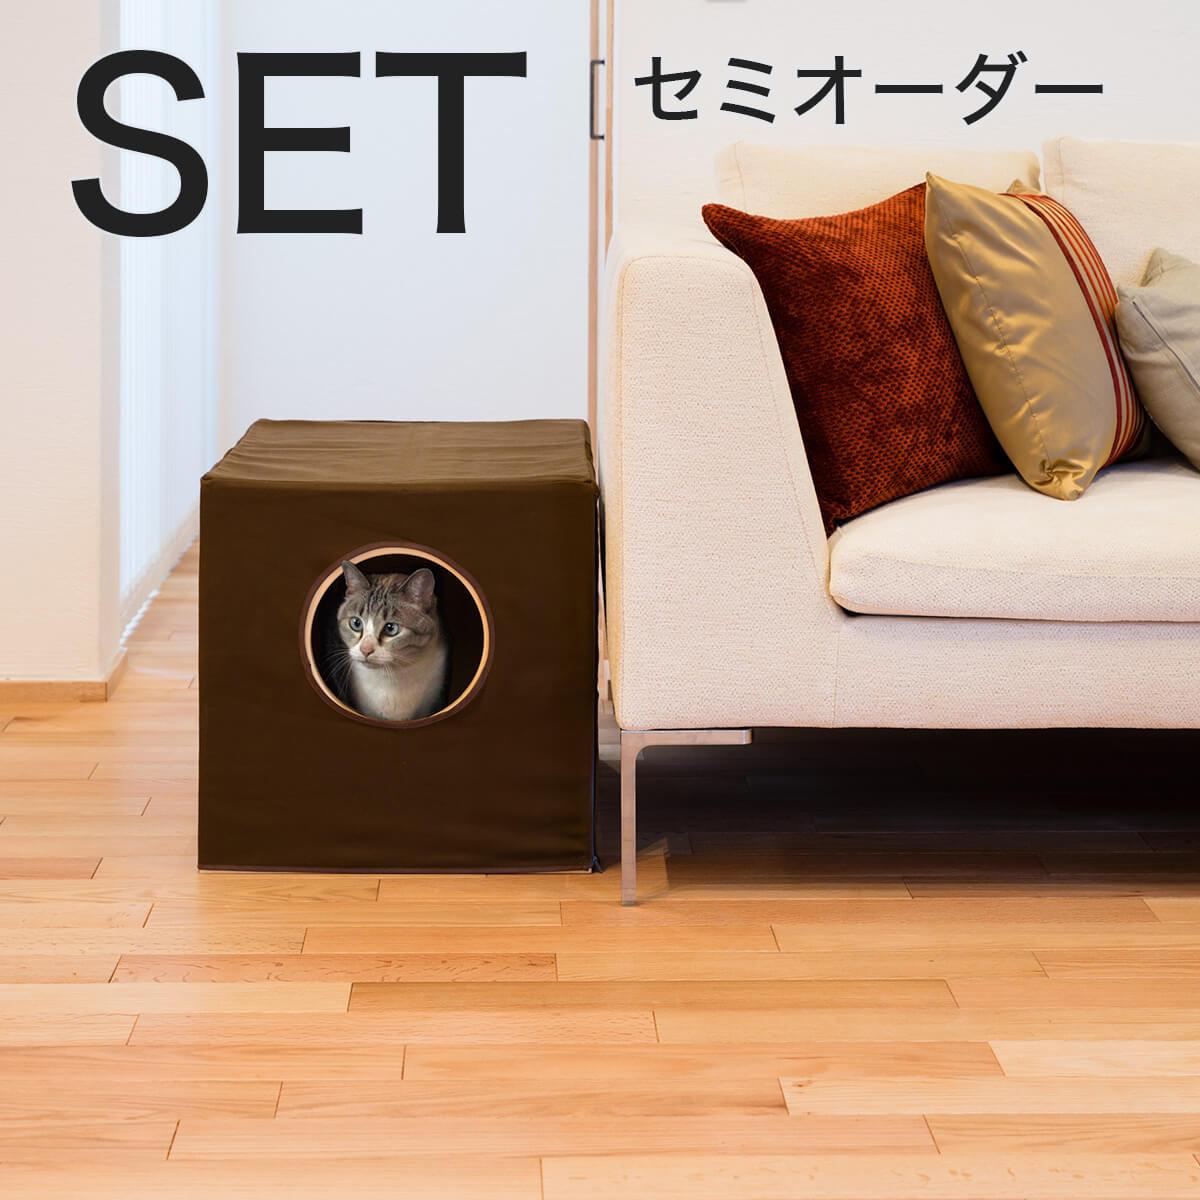 猫 トイレ カバー 猫蔵 セミオーダー 木の本体と消臭カバー セット 受注生産